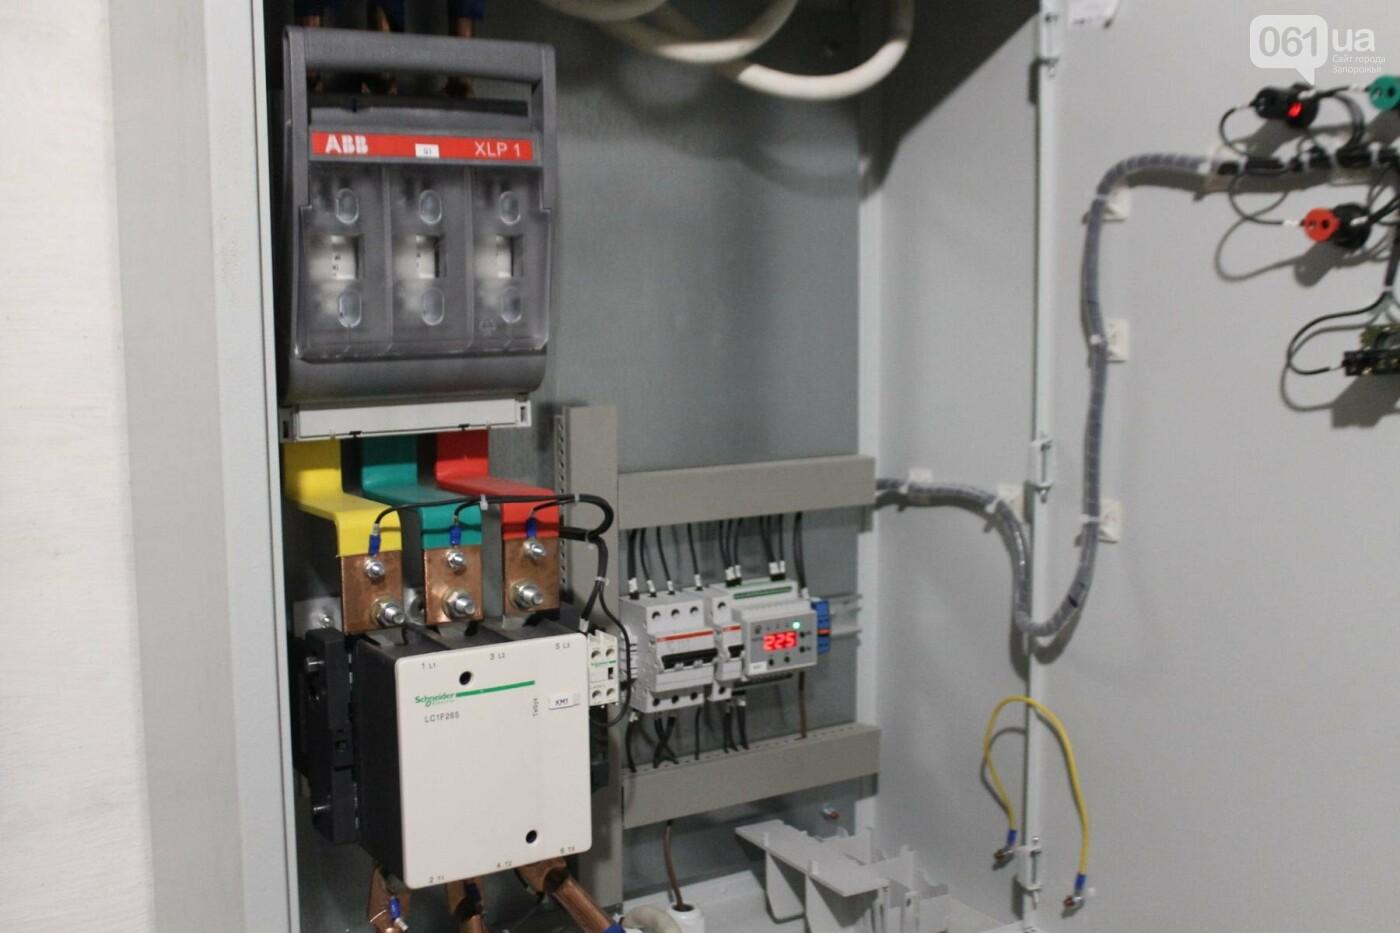 Сам себе хозяин: как запорожские ОСМД занимаются энергосбережением и значительно экономят на тарифах, — ФОТО, фото-14